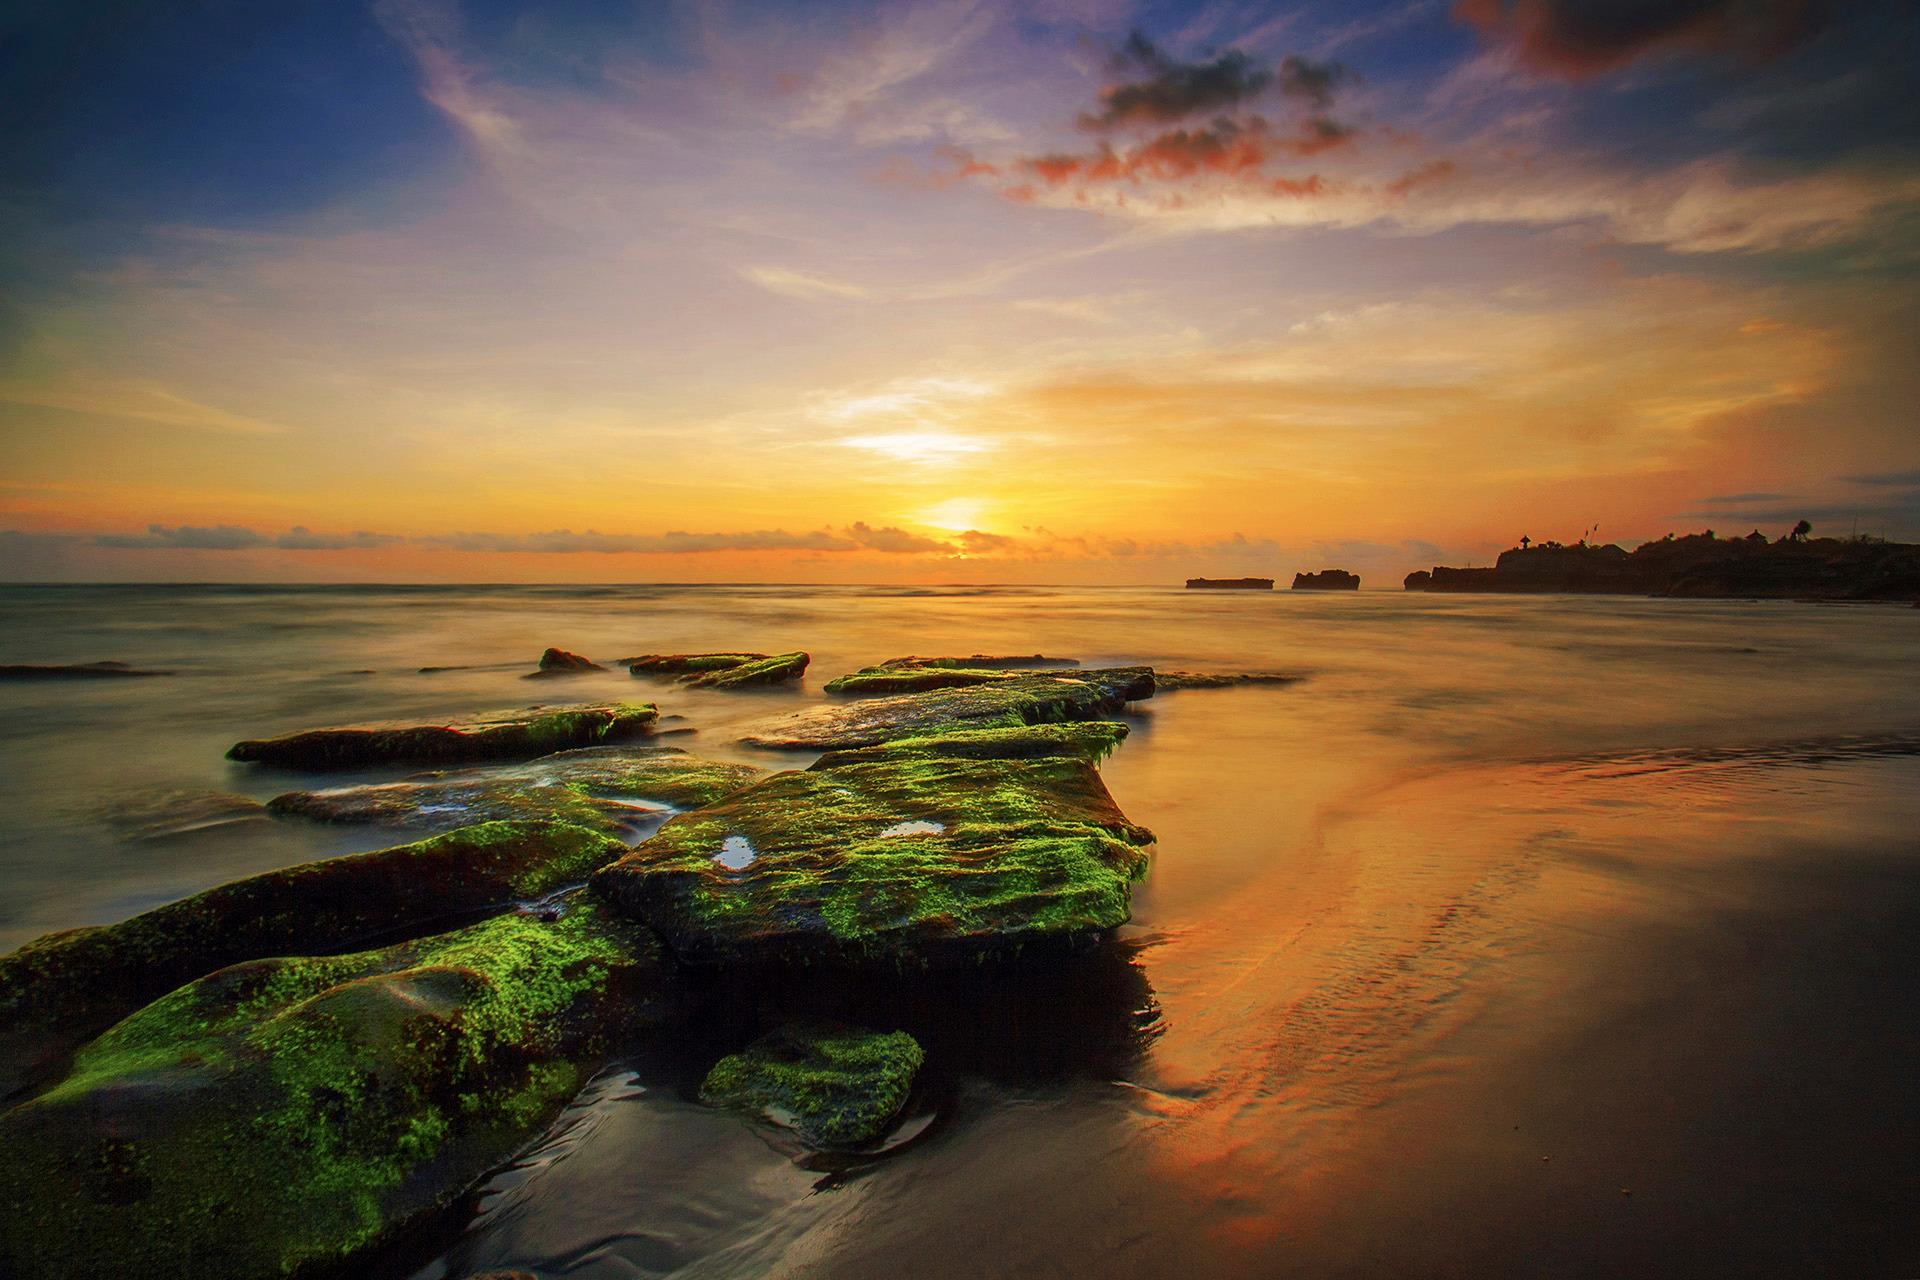 Voyage à pied : Lune de miel bali et les îles gili